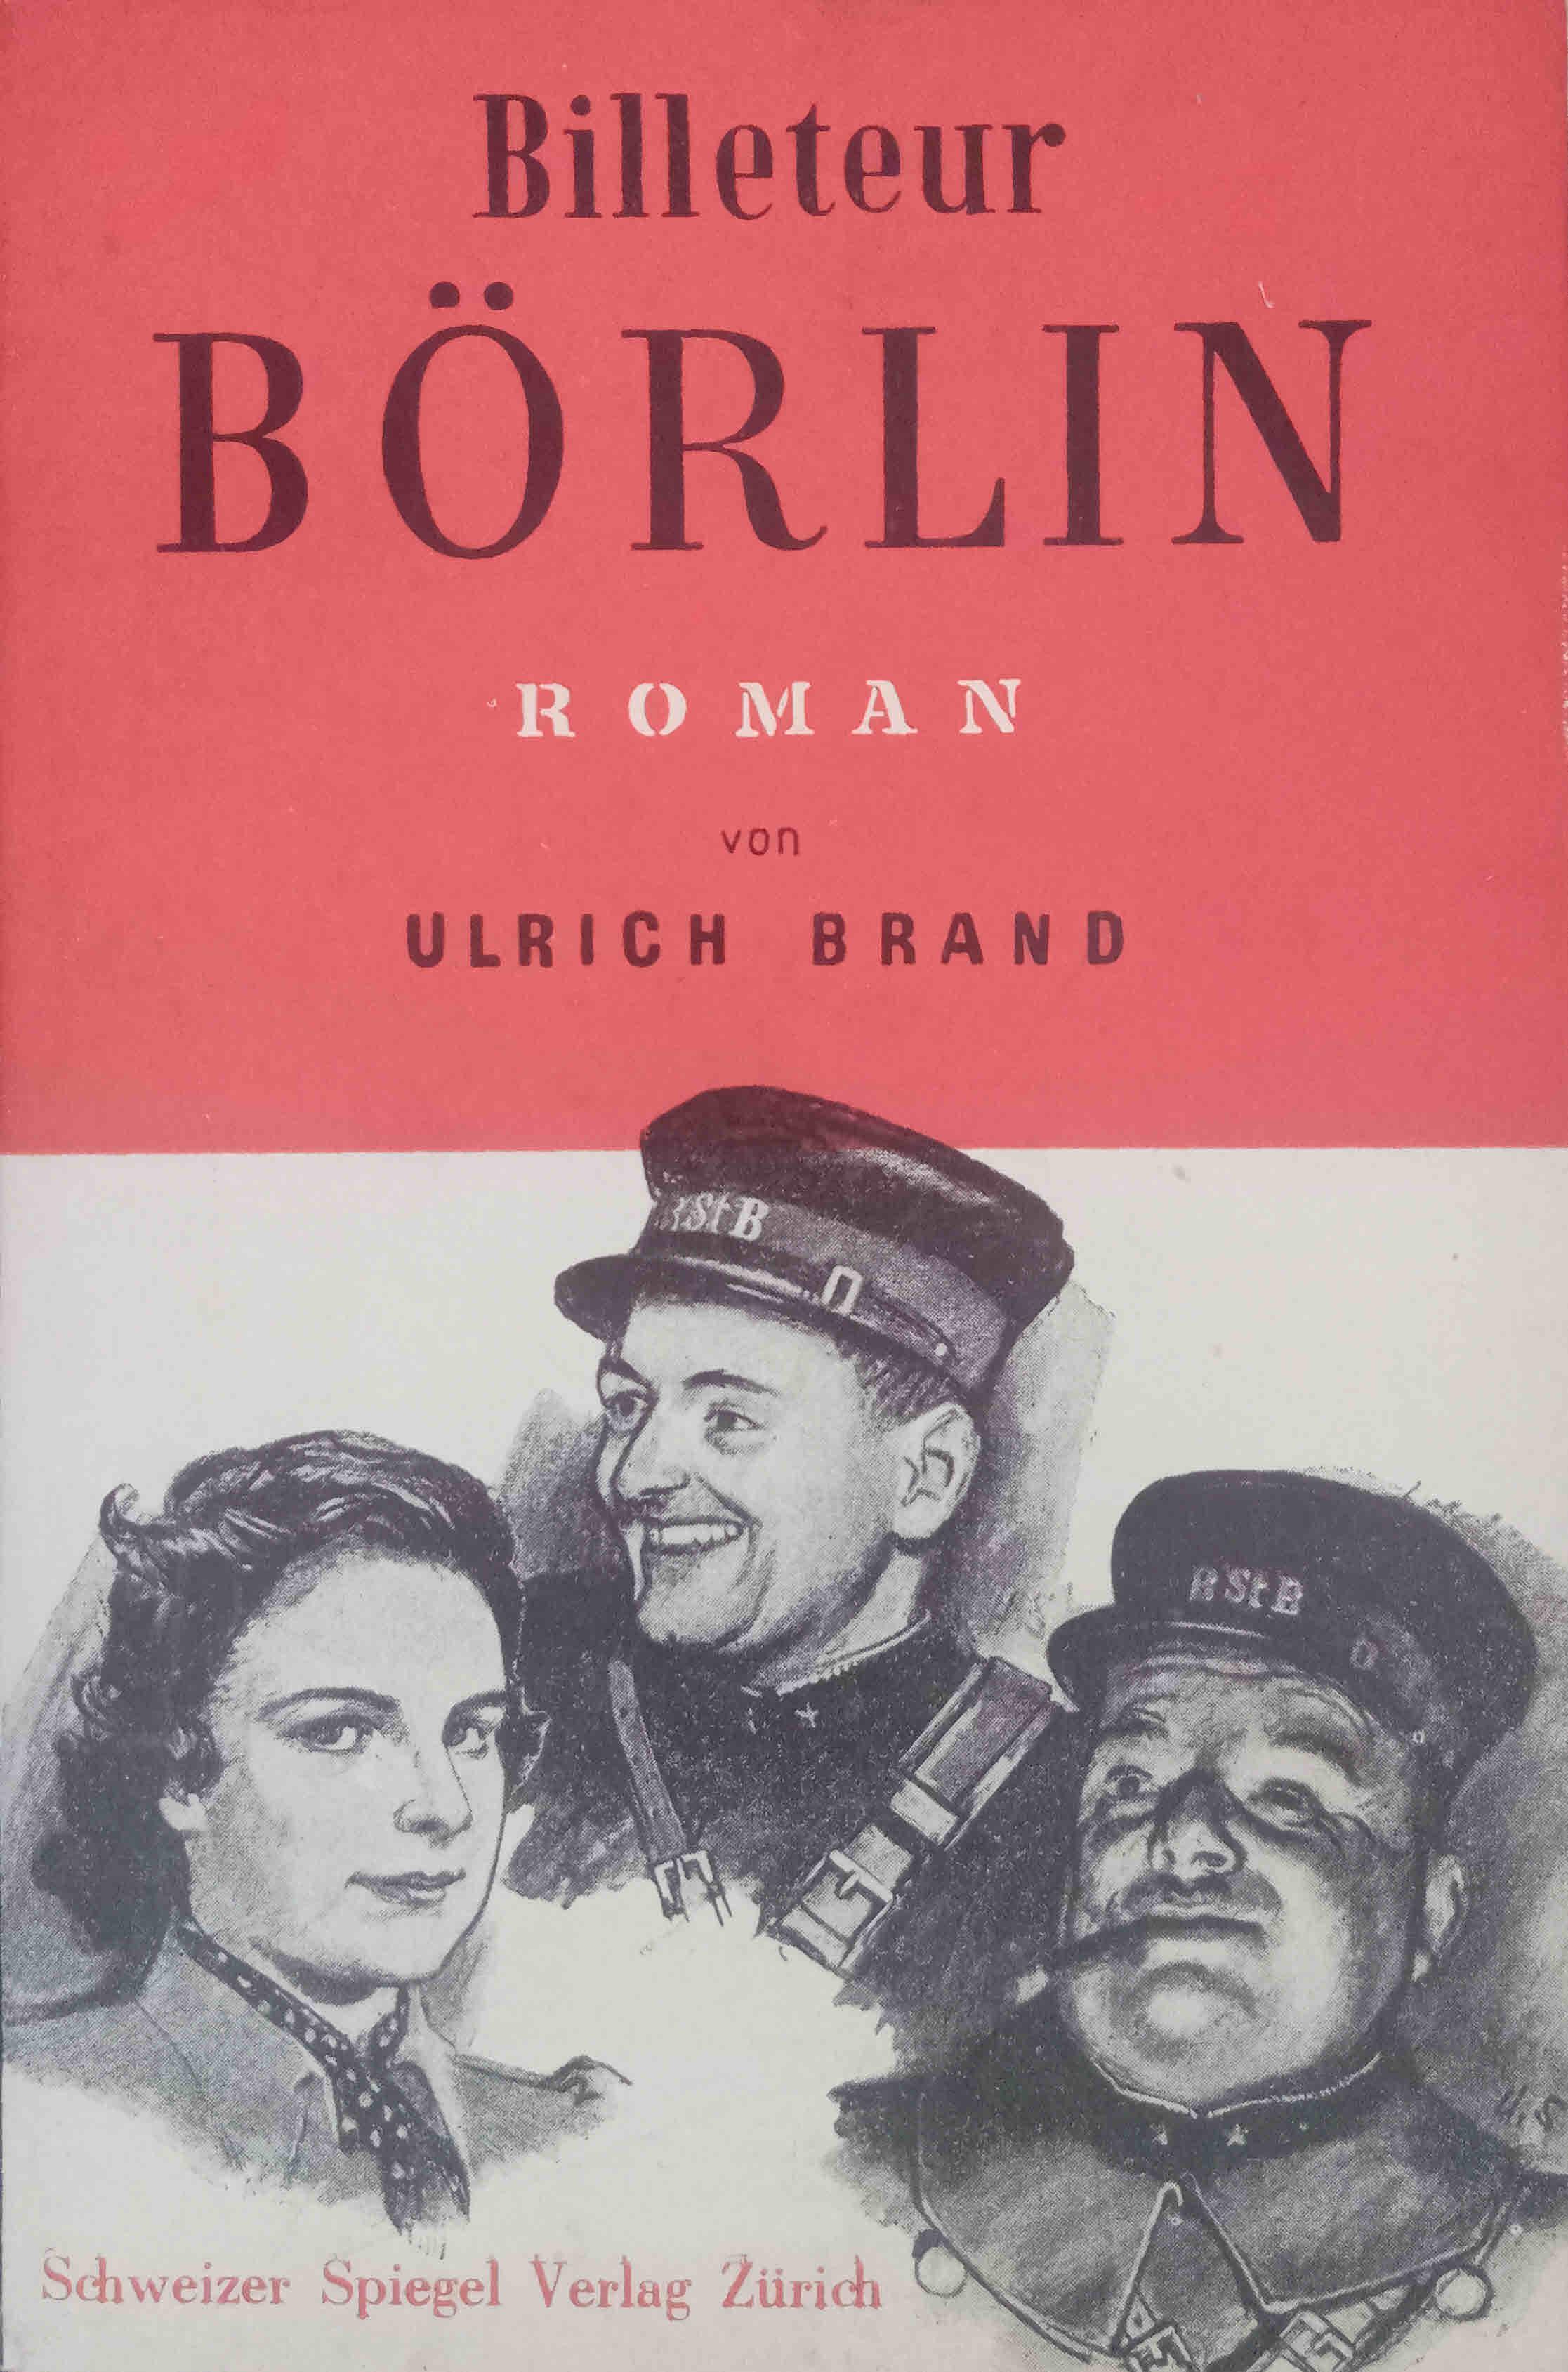 Billeteur Börlin : Roman.: Brand, Ulrich: